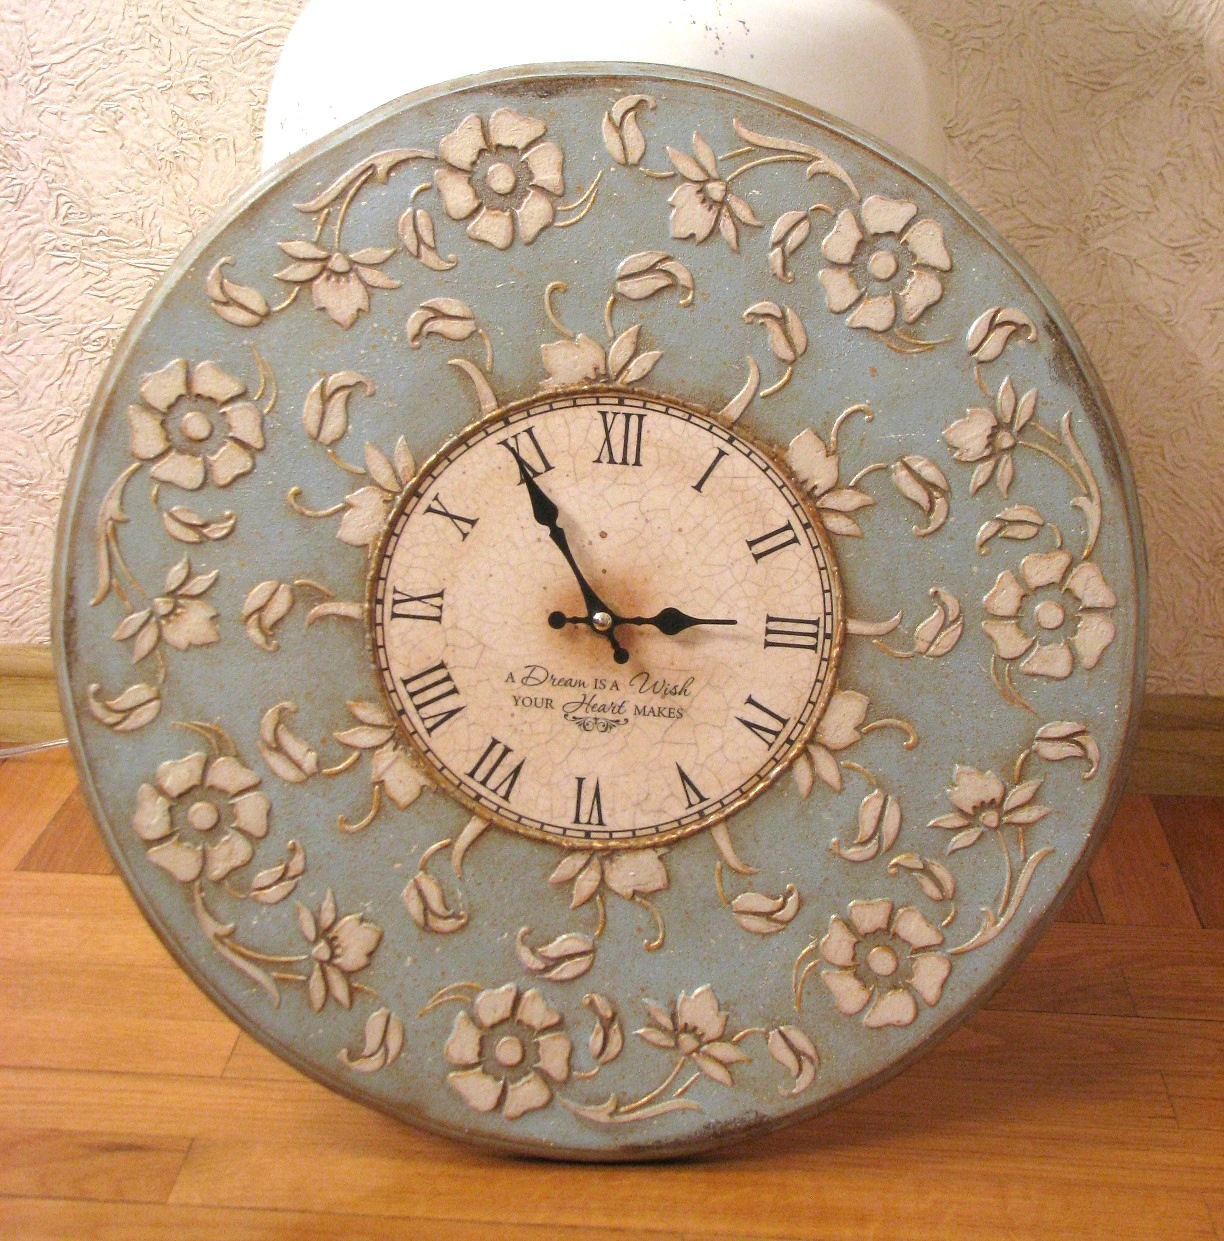 Оригинальные настенные часы своими руками Дизайн 44